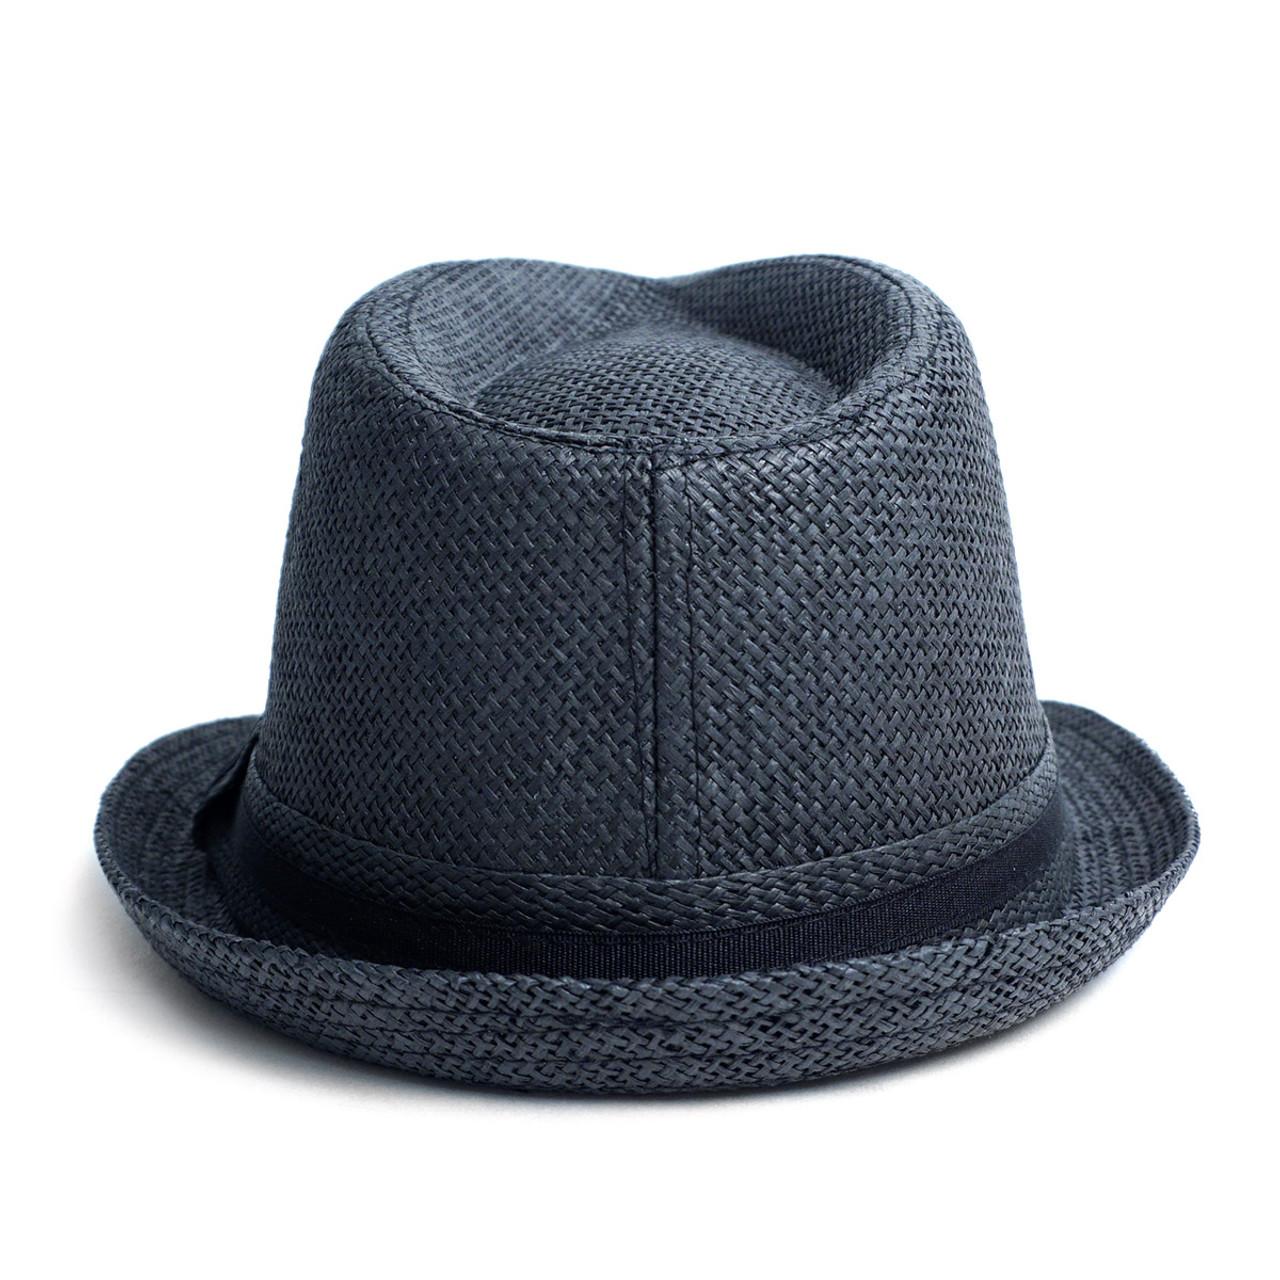 e247d7556a478 Spring/Summer Short Brim Banded Fedora Hat - H180604